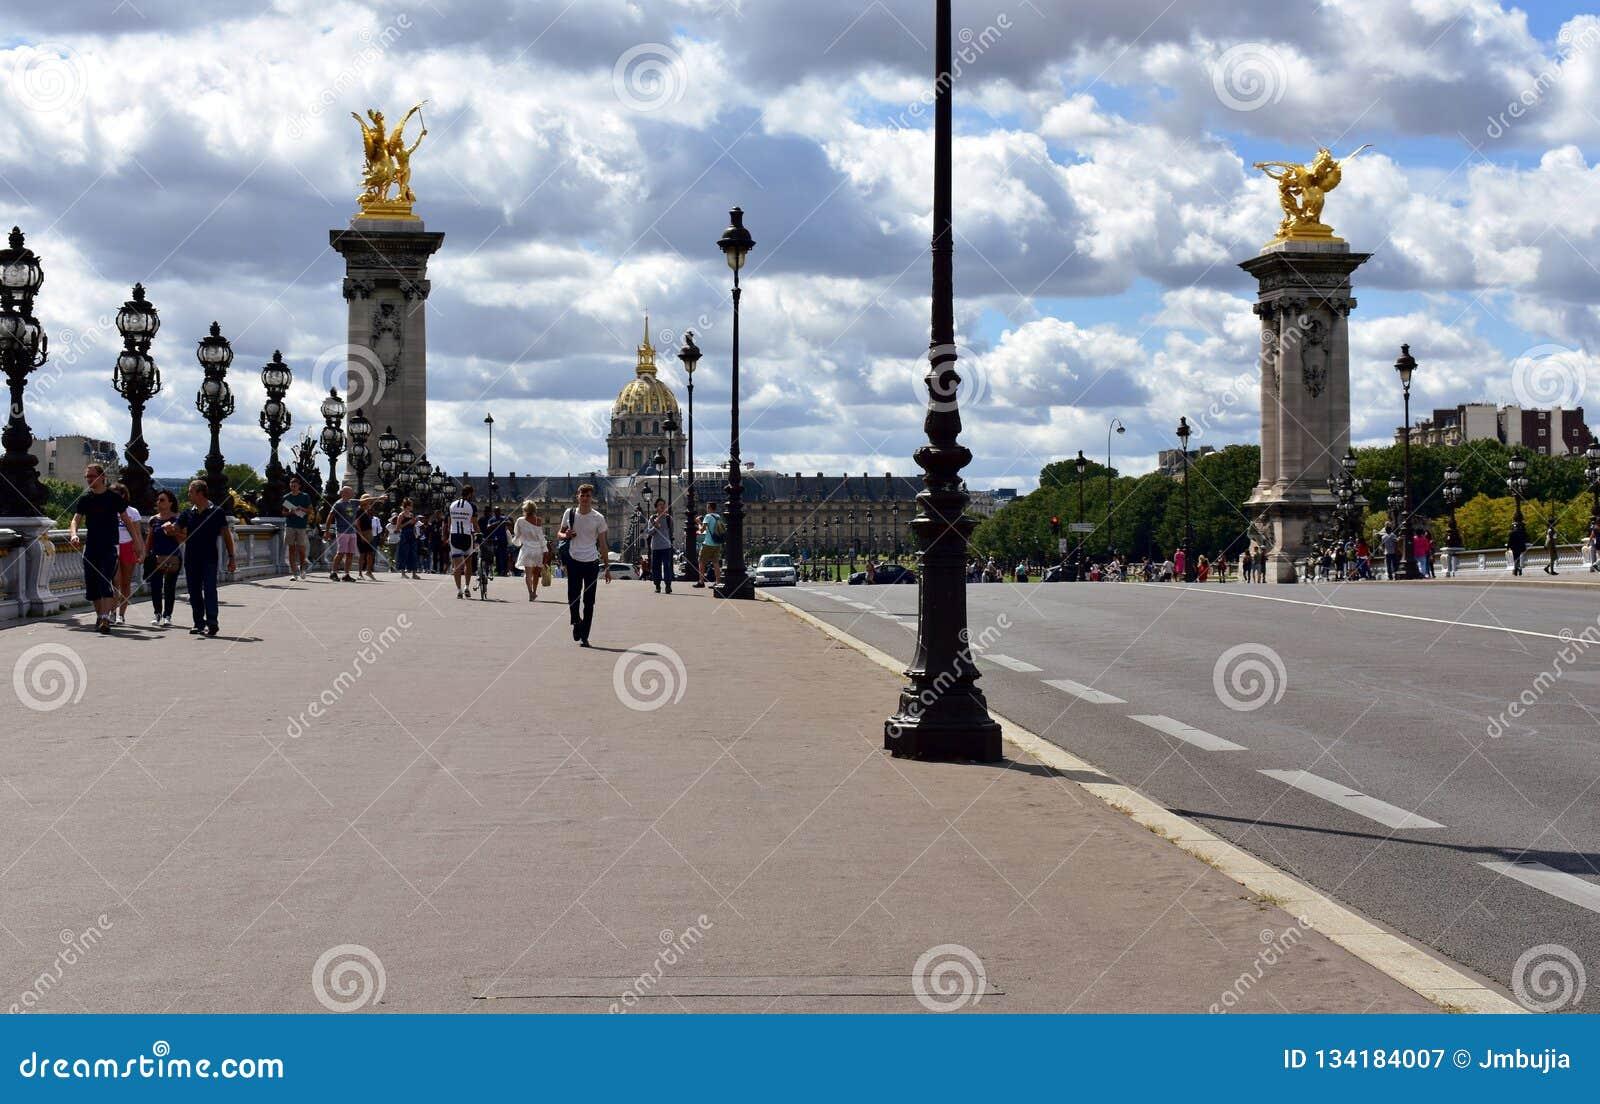 Paris france Alexandre III Invalides z turystami i most Kolumny, statuy i latarnie uliczne, deszczowy dzień